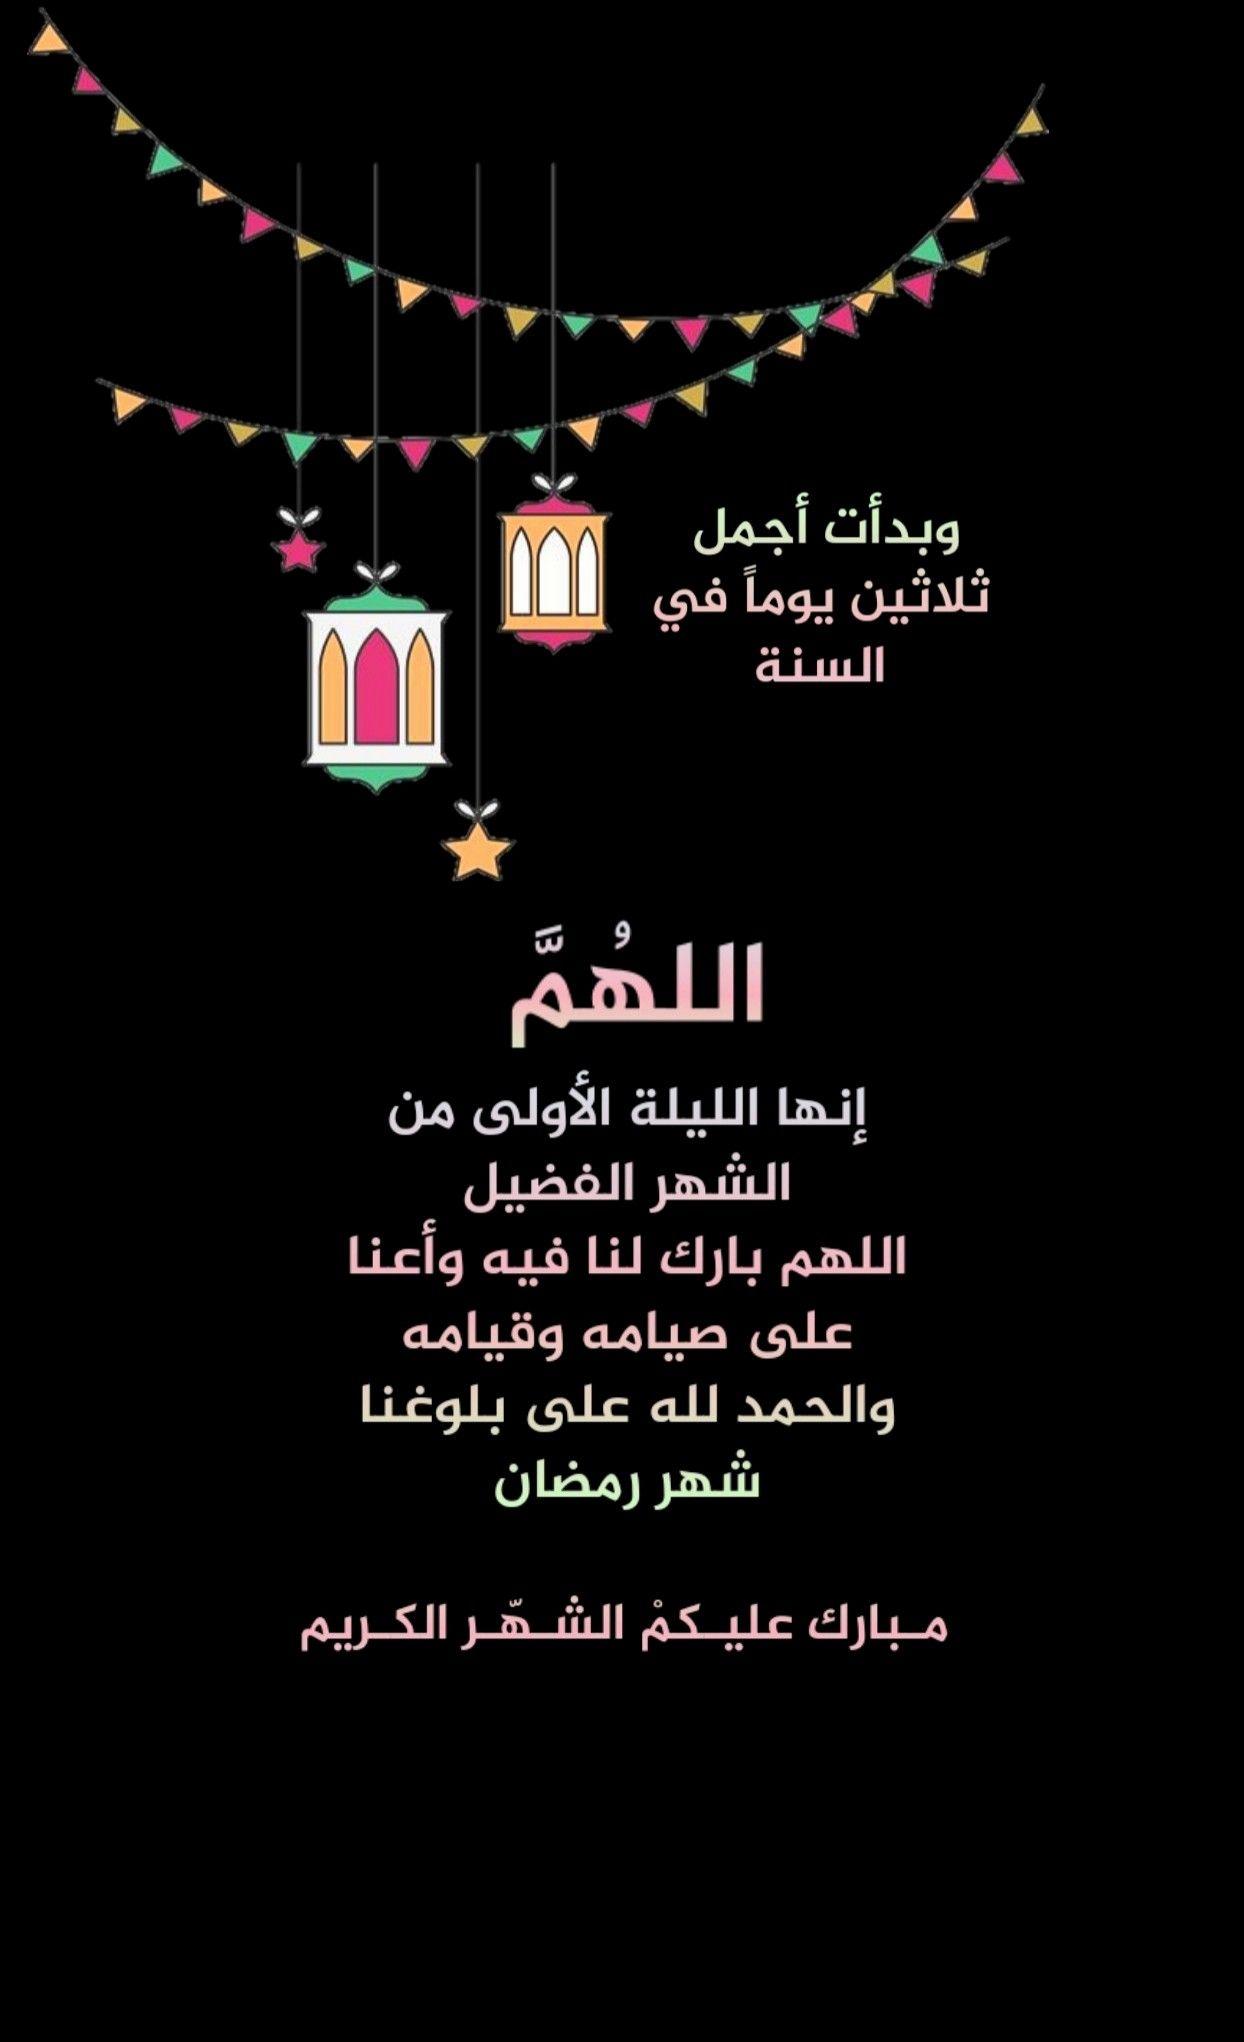 وبدأت أجمل ثلاثين يوما في السنة الله م إنها الليلة الأولى من الشهر الفضيل اللهم بارك لنا فيه وأعنا على صيامه Ramadan Quotes Ramadan Day Ramadan Prayer